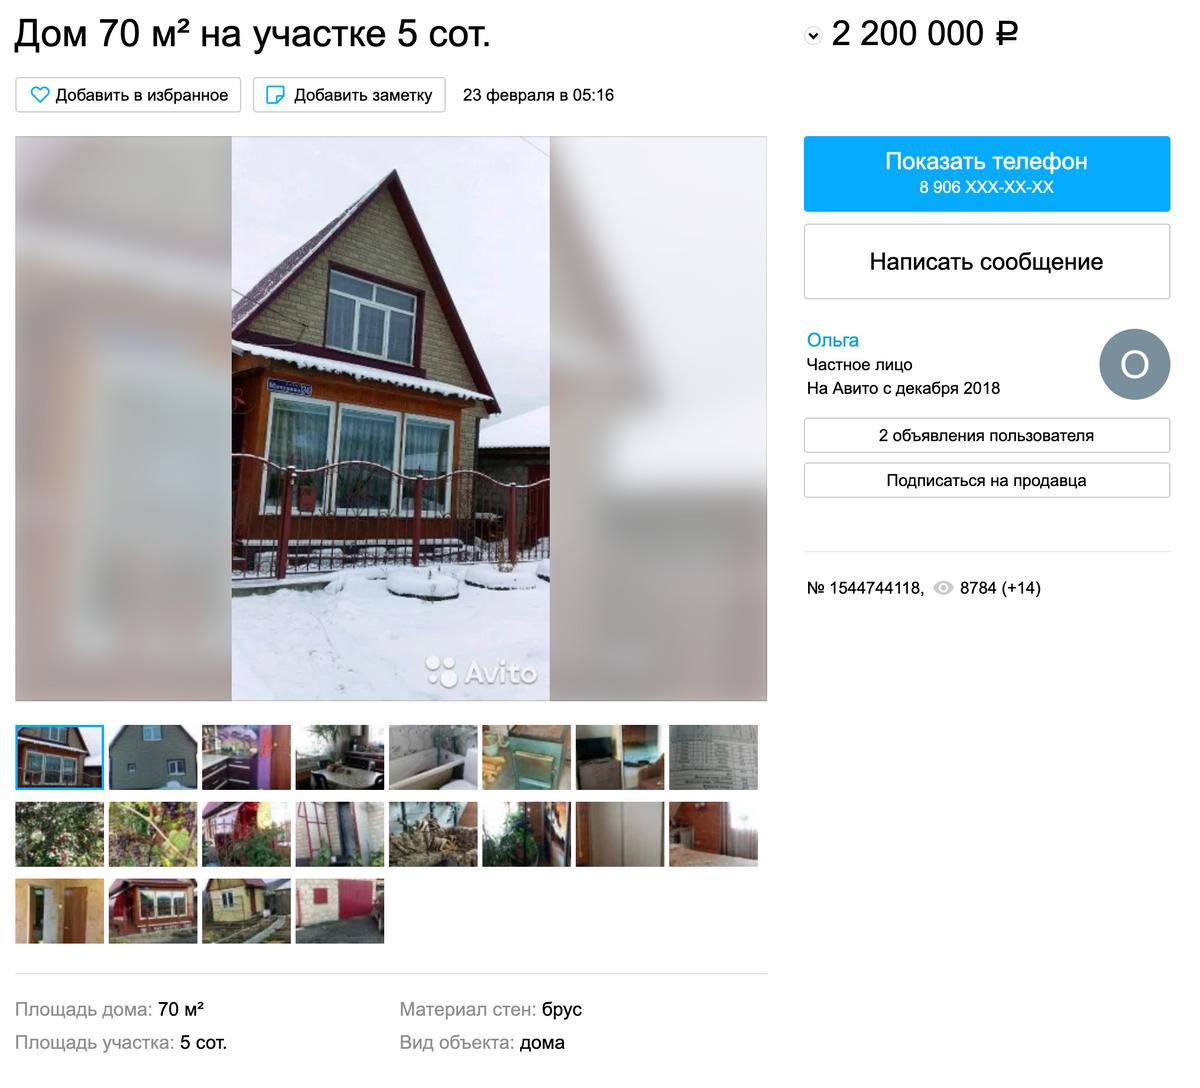 Двухэтажный дом с центральным отоплением недалеко от железнодорожного вокзала: 33 тысячи рублей за квадратный метр